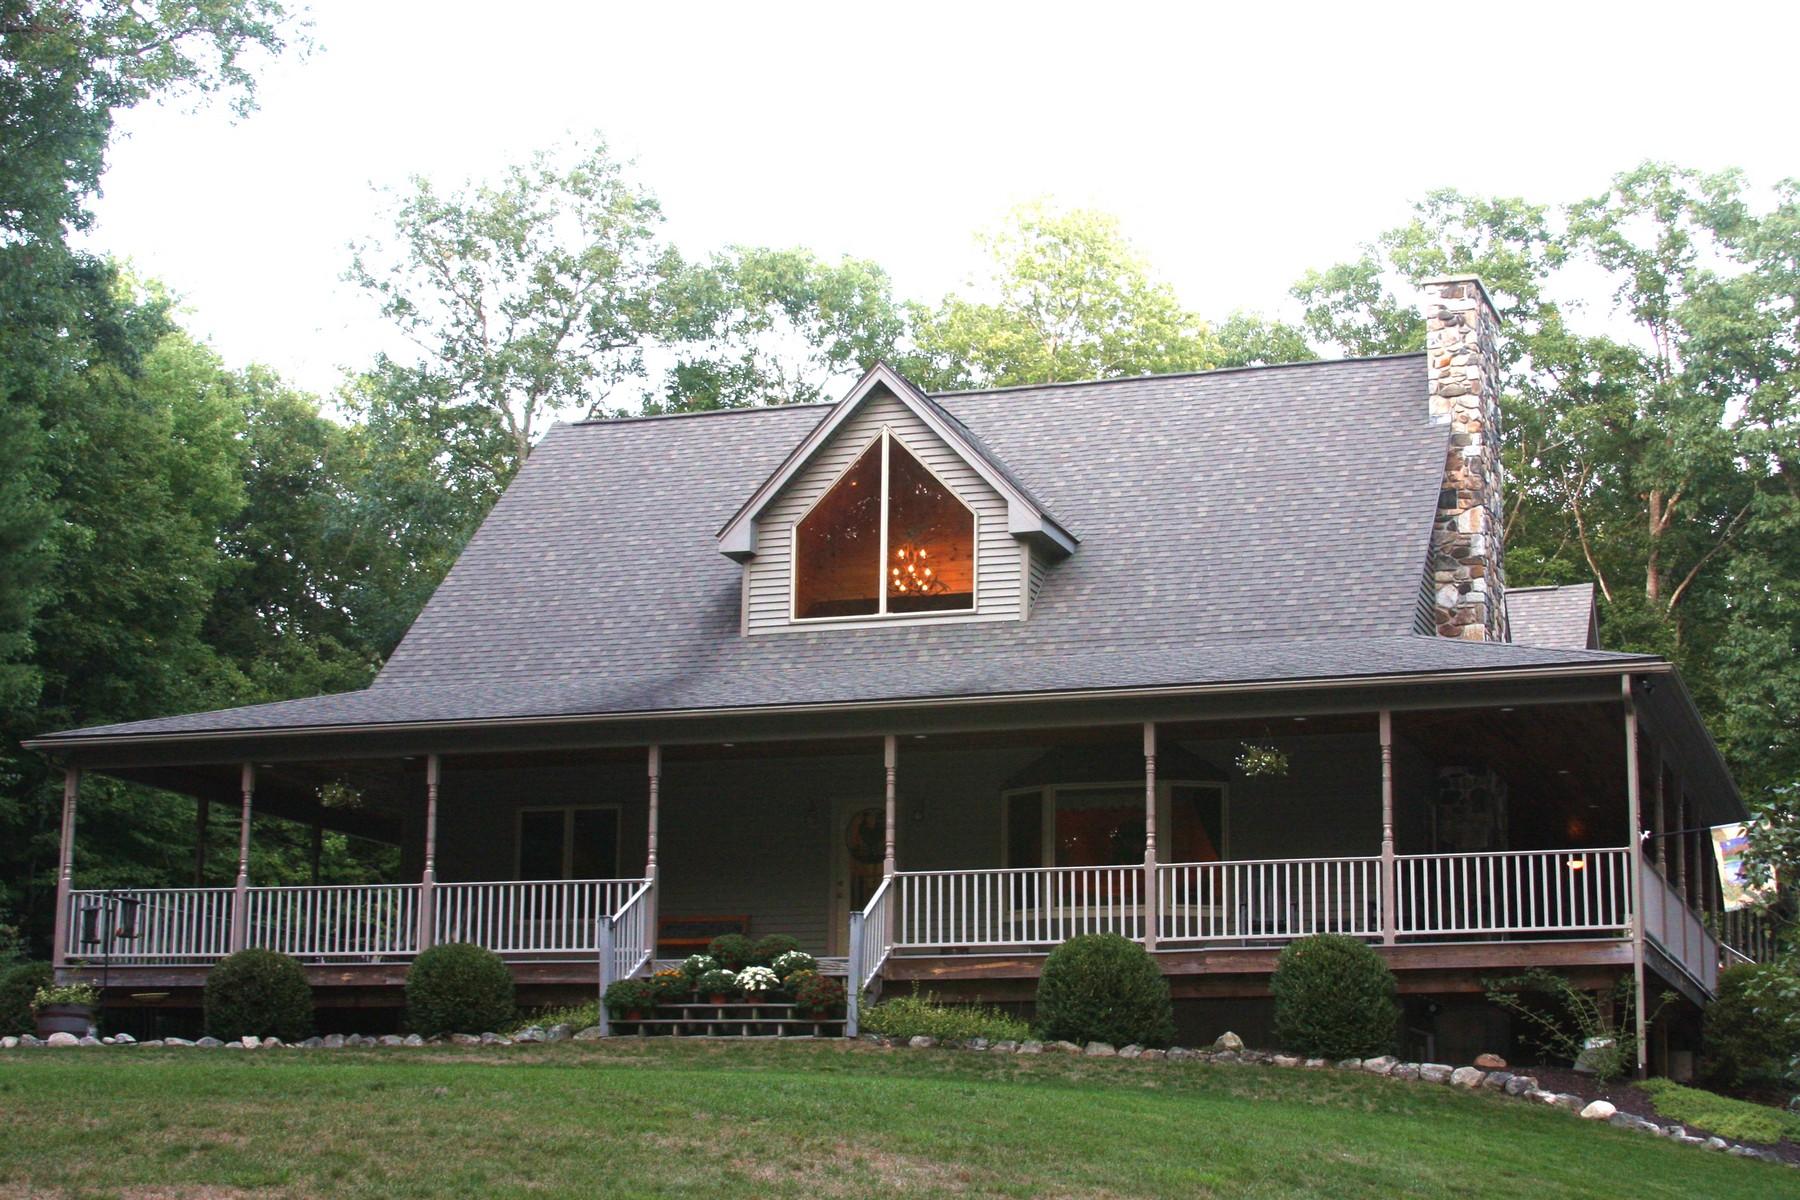 独户住宅 为 销售 在 Custom-Built Home - Serene Setting 2813 Greenwich Road Hardwick, 马萨诸塞州, 01031 美国